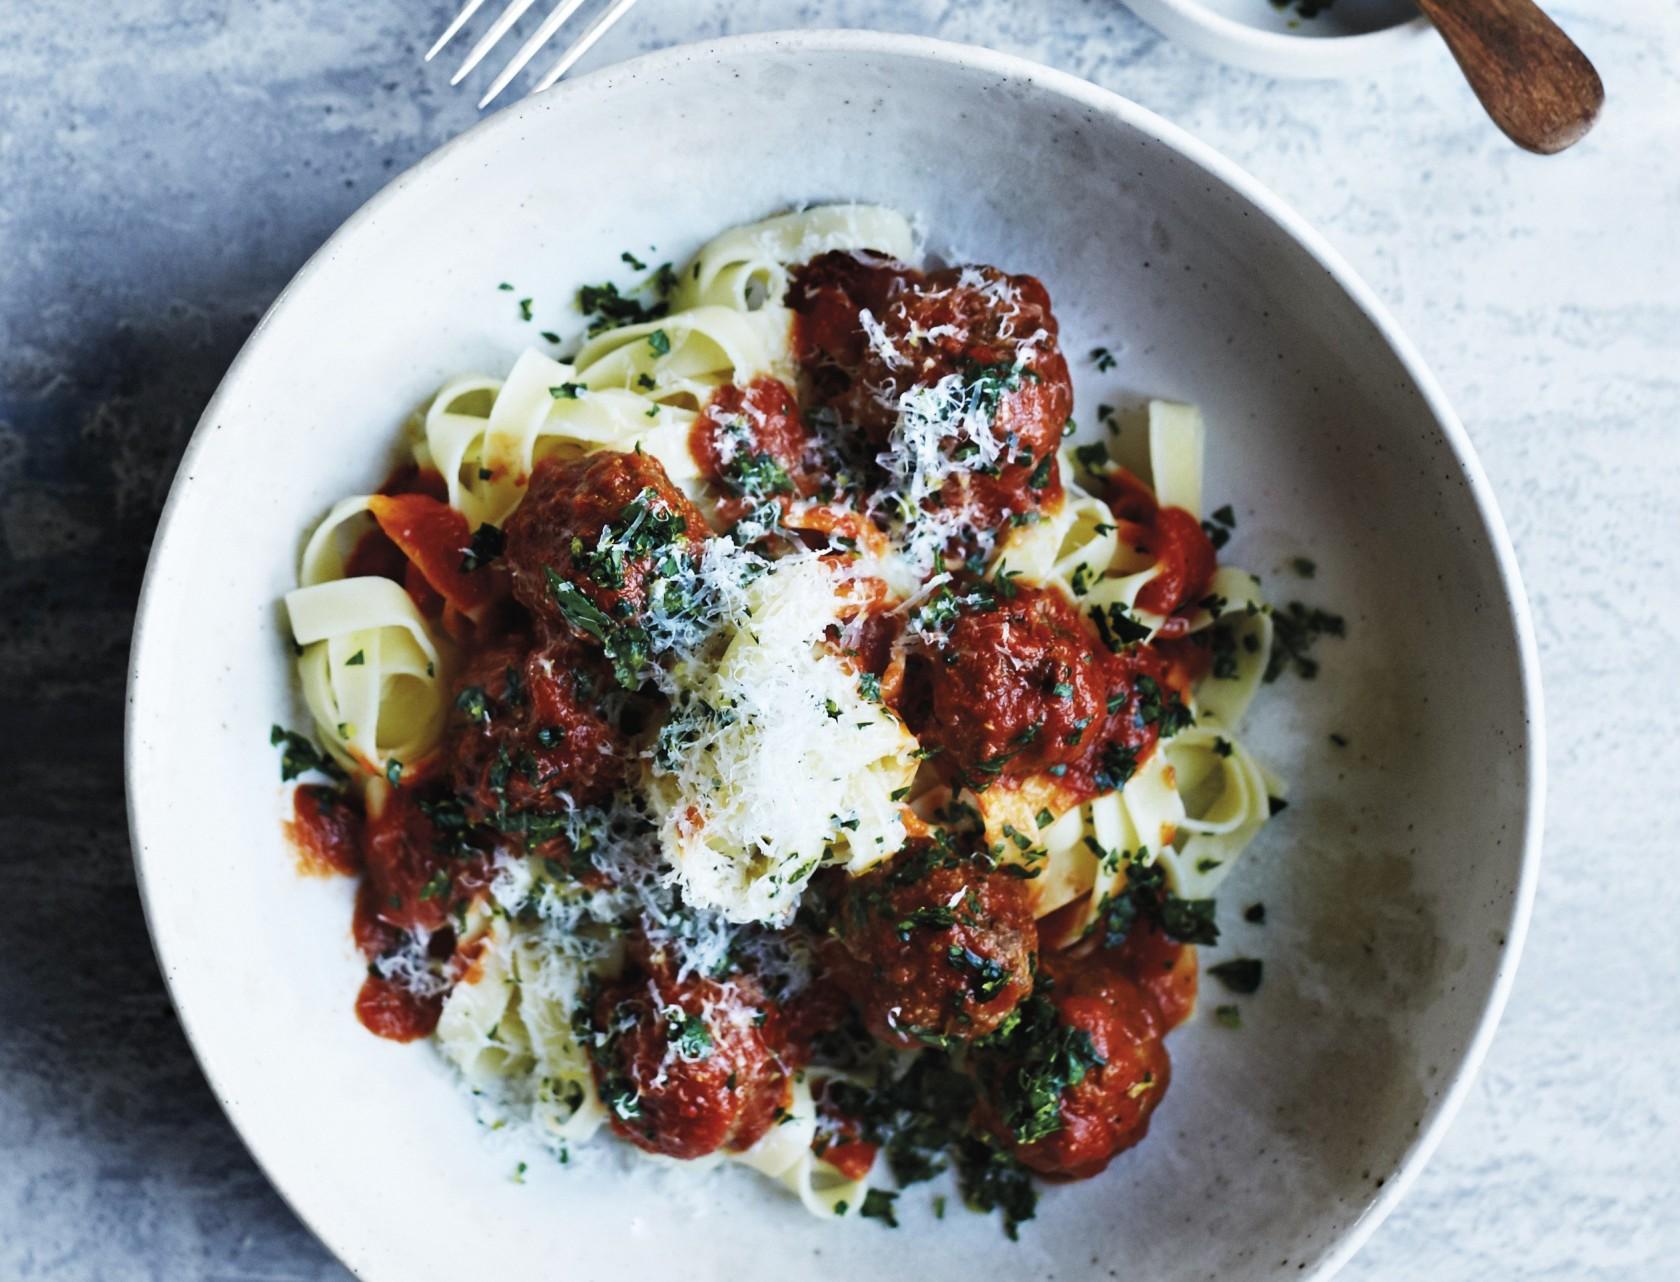 Lækker opskrift på italiensk pasta med kødboller i tomatsauce